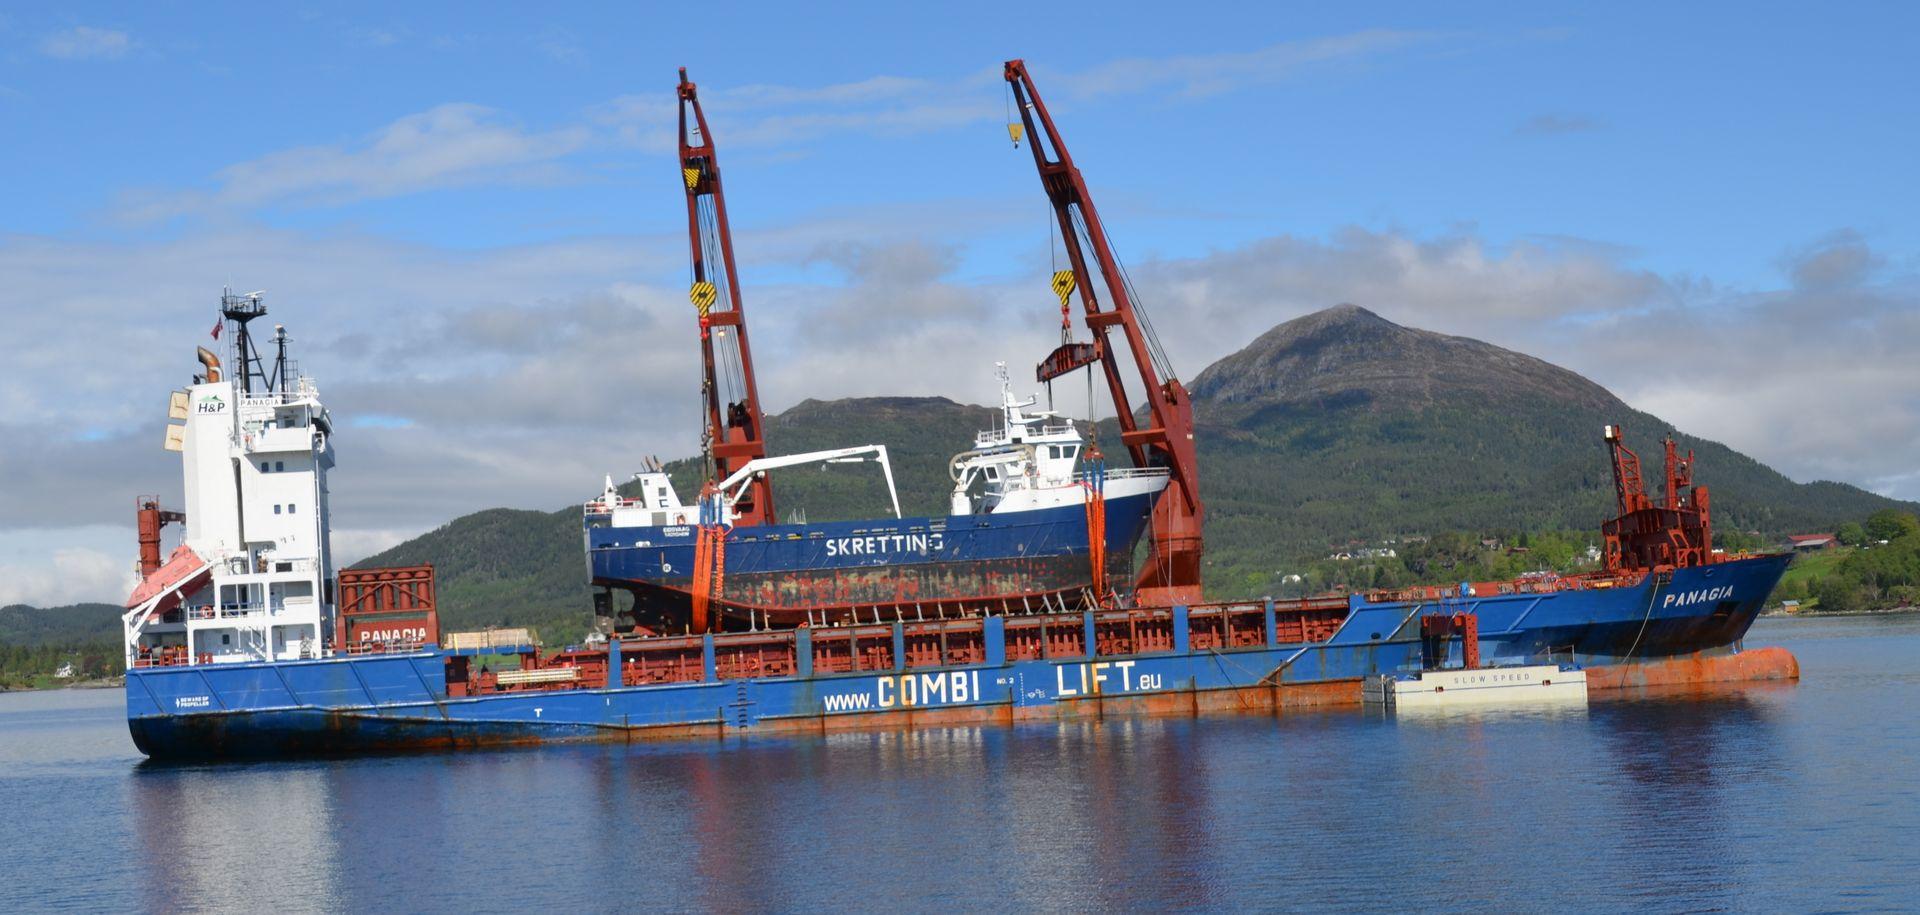 Å laste en båt på en annen båt er ikke enkelt. Uavhengige inspektører må passe på at det går riktig for seg.